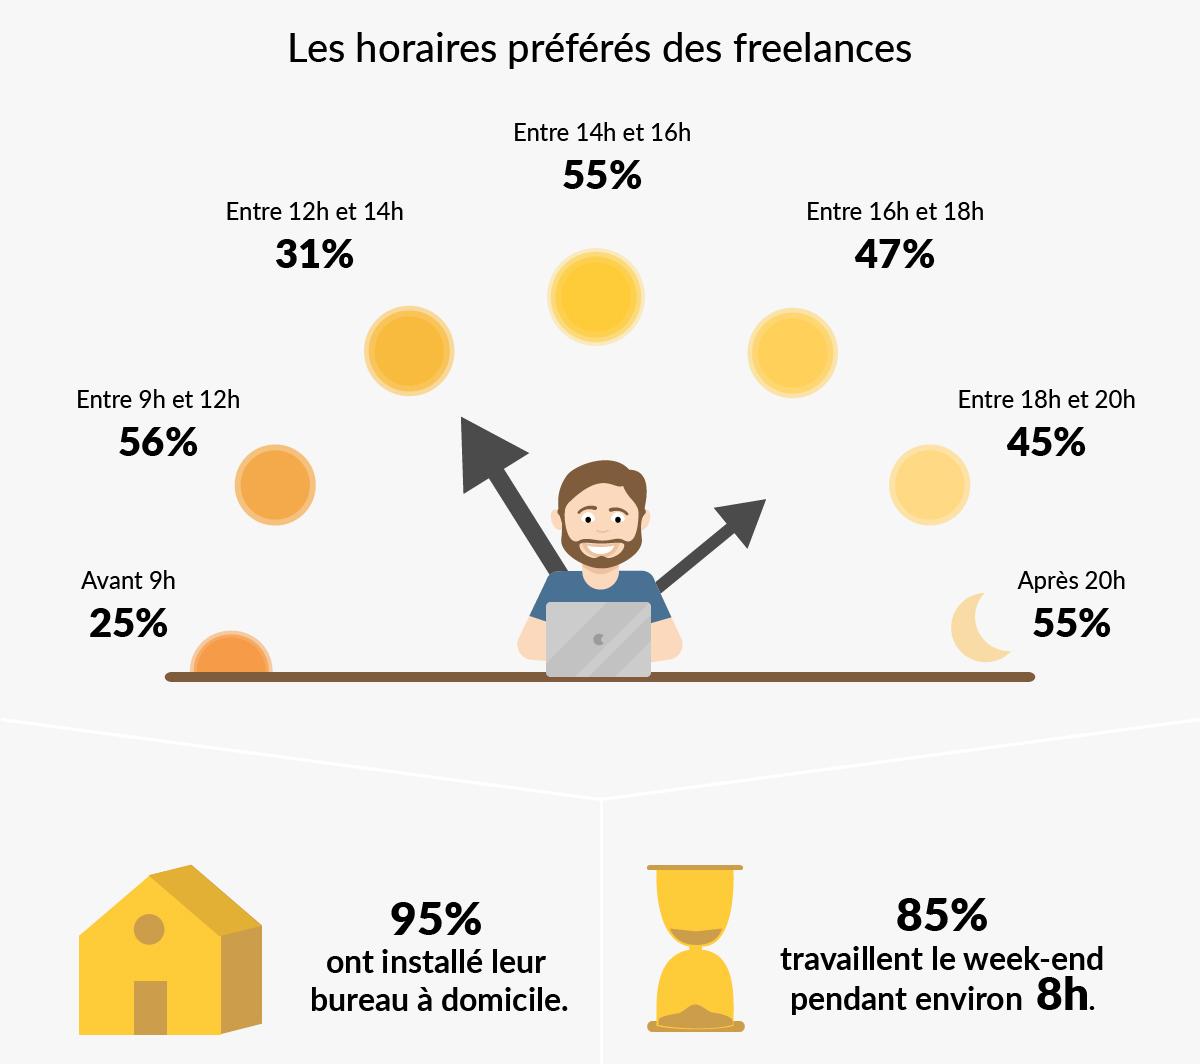 creatifs-freelances-france-etude-graphistes-horaires-weekend-temps-travail-coworking-bureau